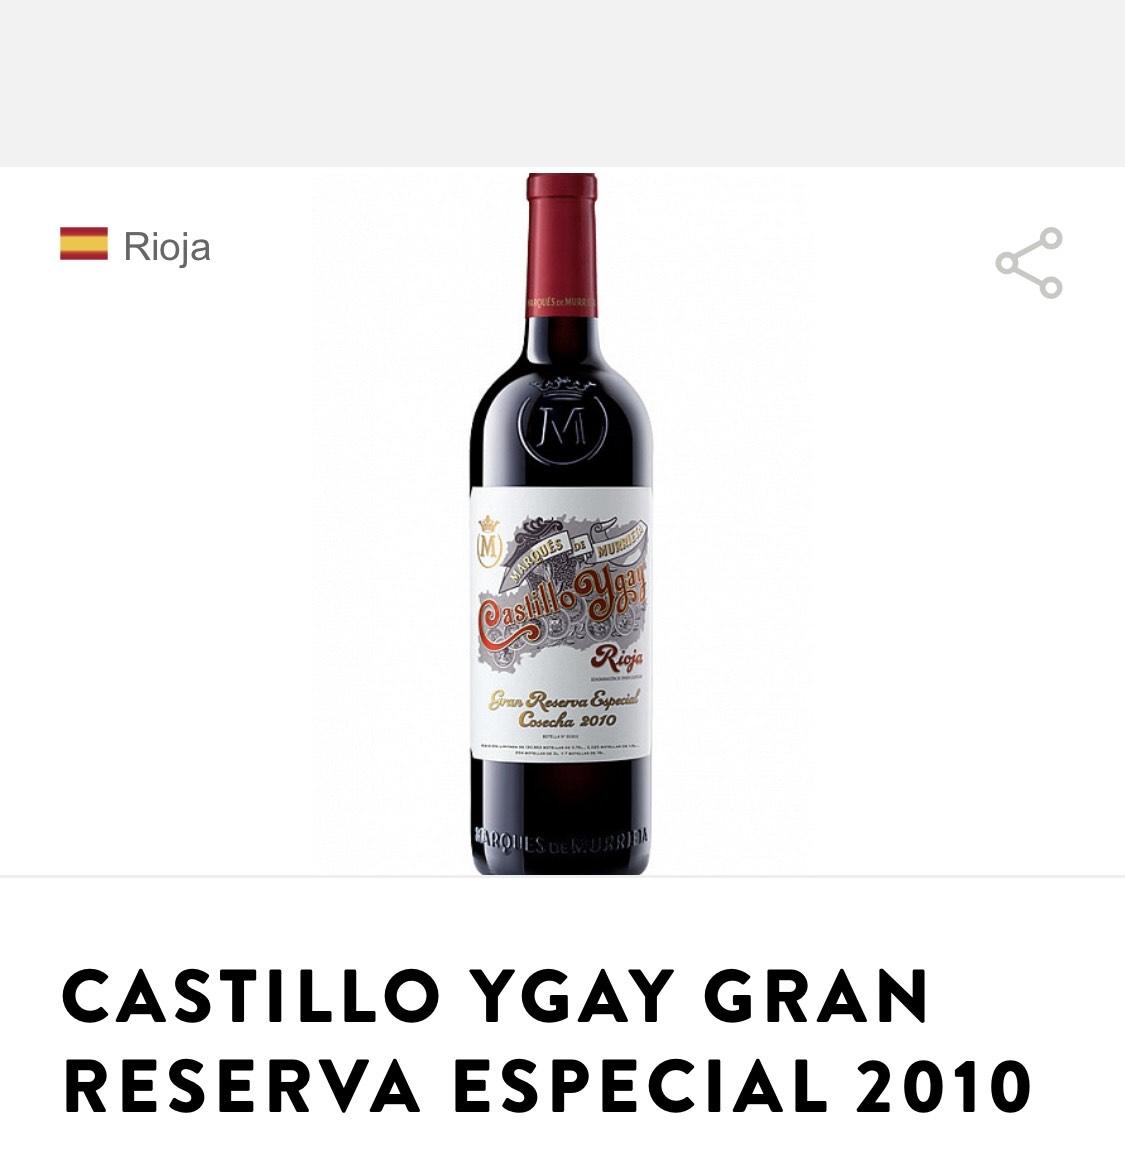 Castillo Ygay Gran Reserva